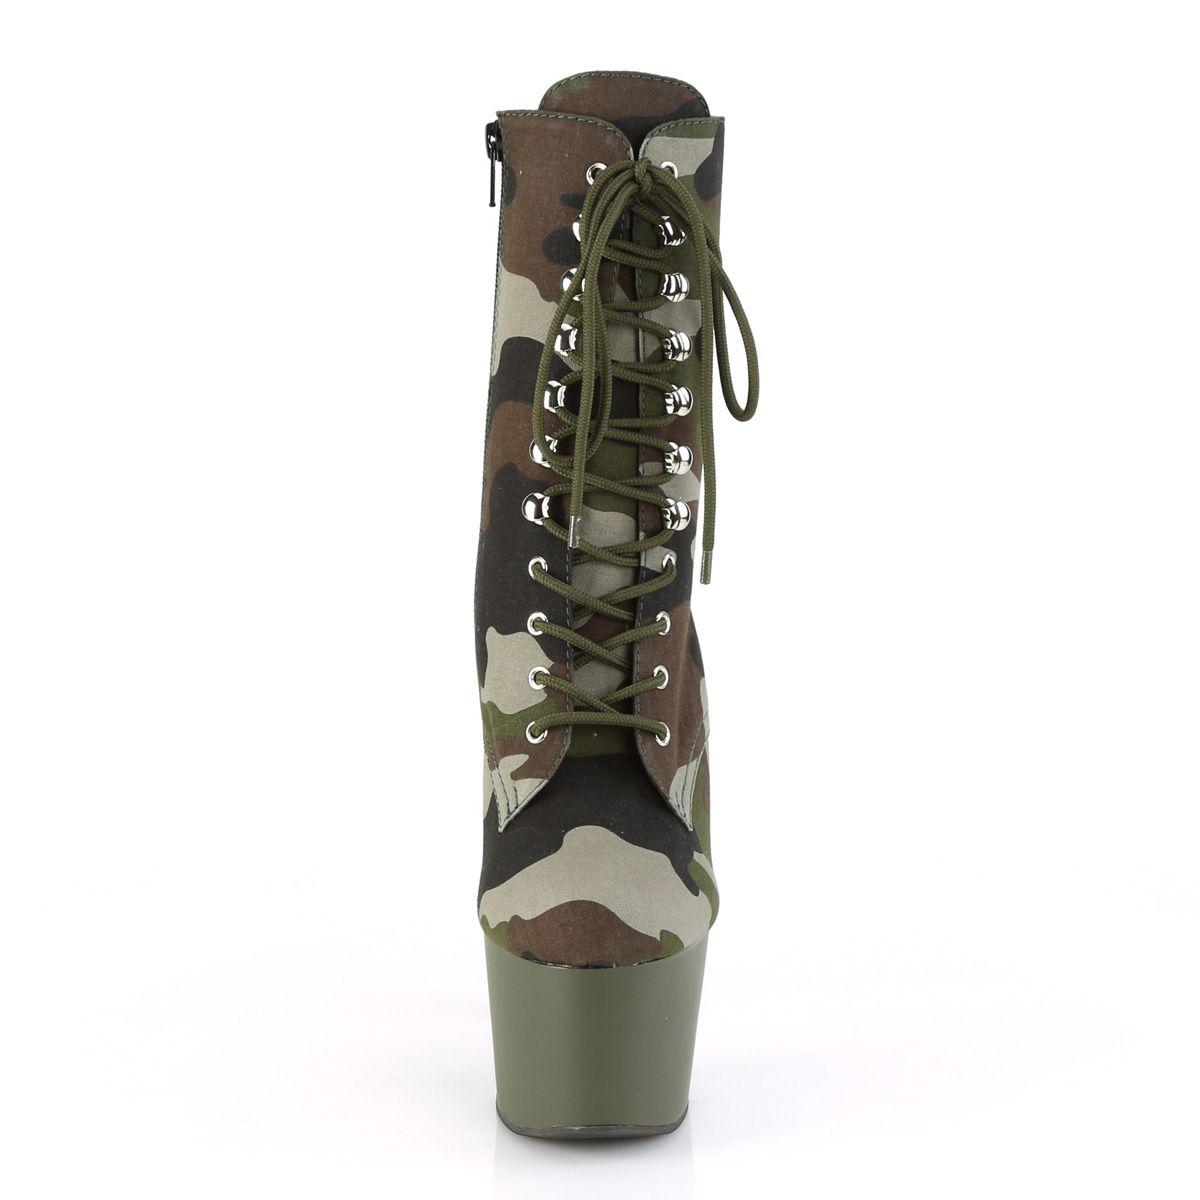 Bota Adore 1020 CAMO Militar  - Pleaser (encomenda)